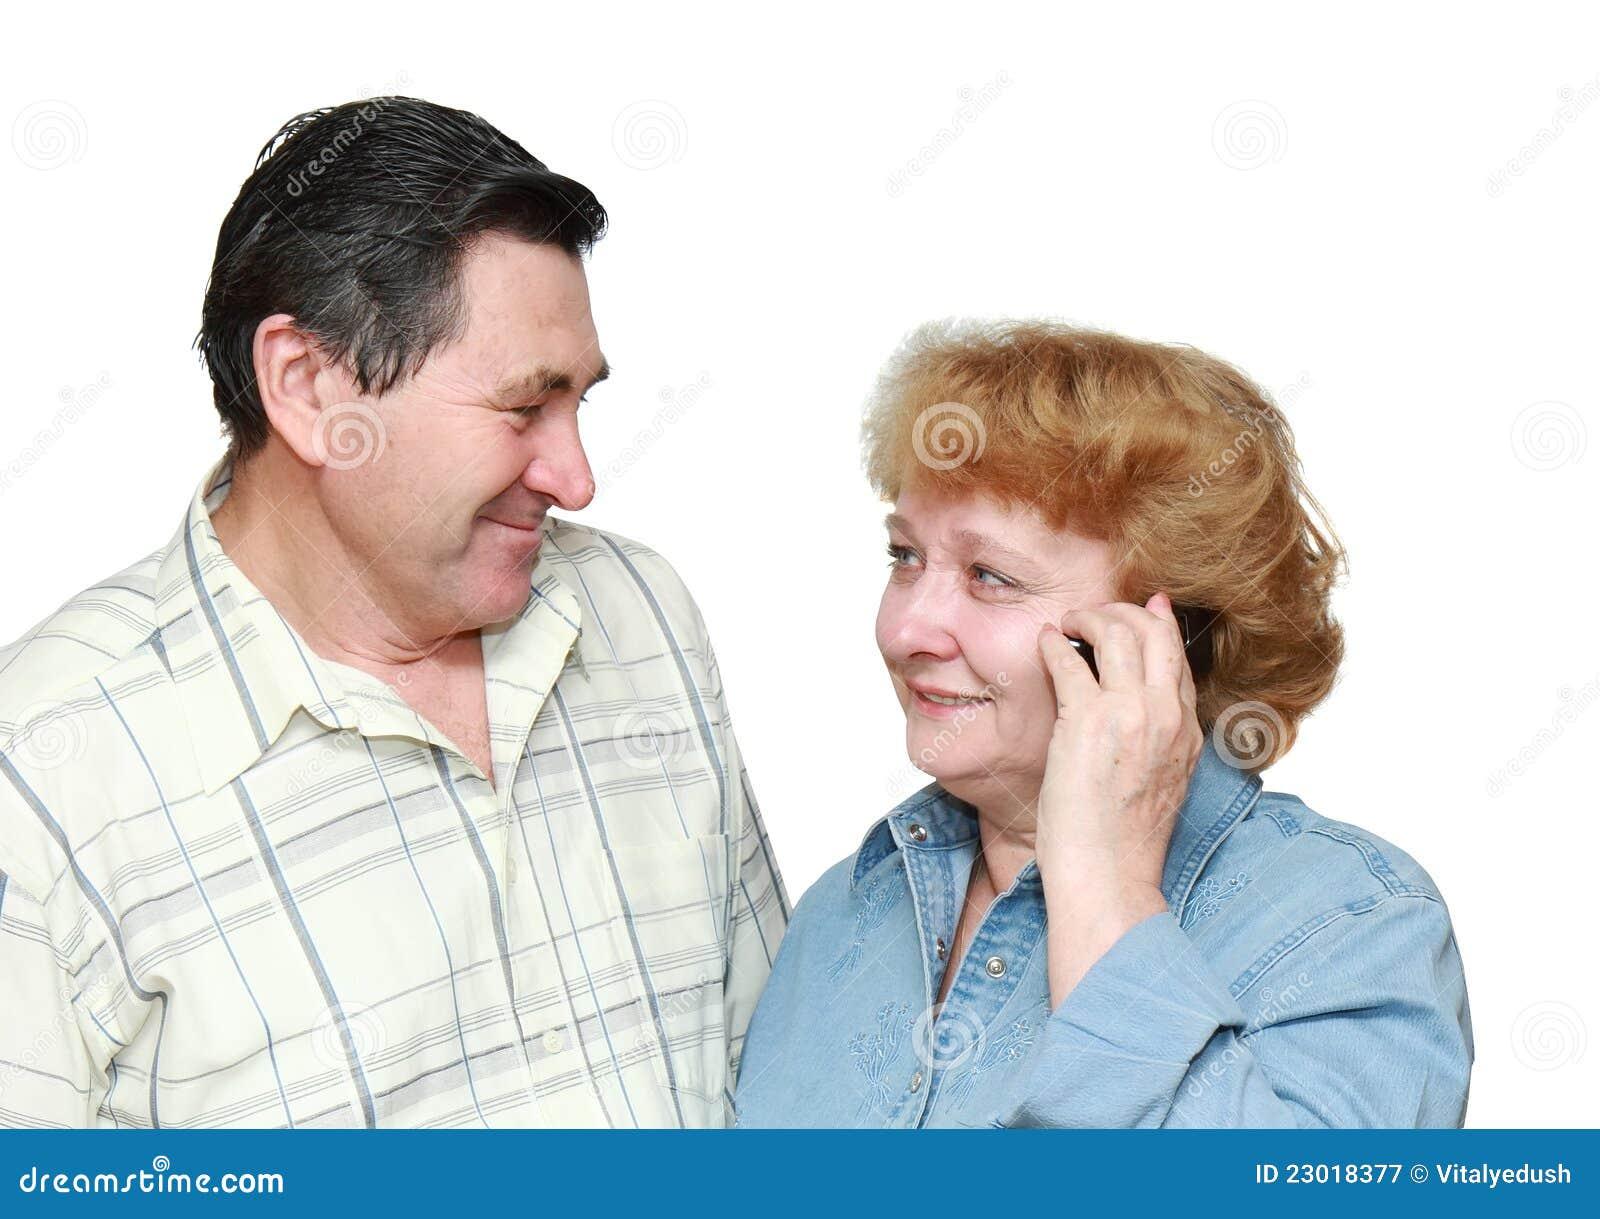 Сосет и говорит по телефону с мужем 24 фотография